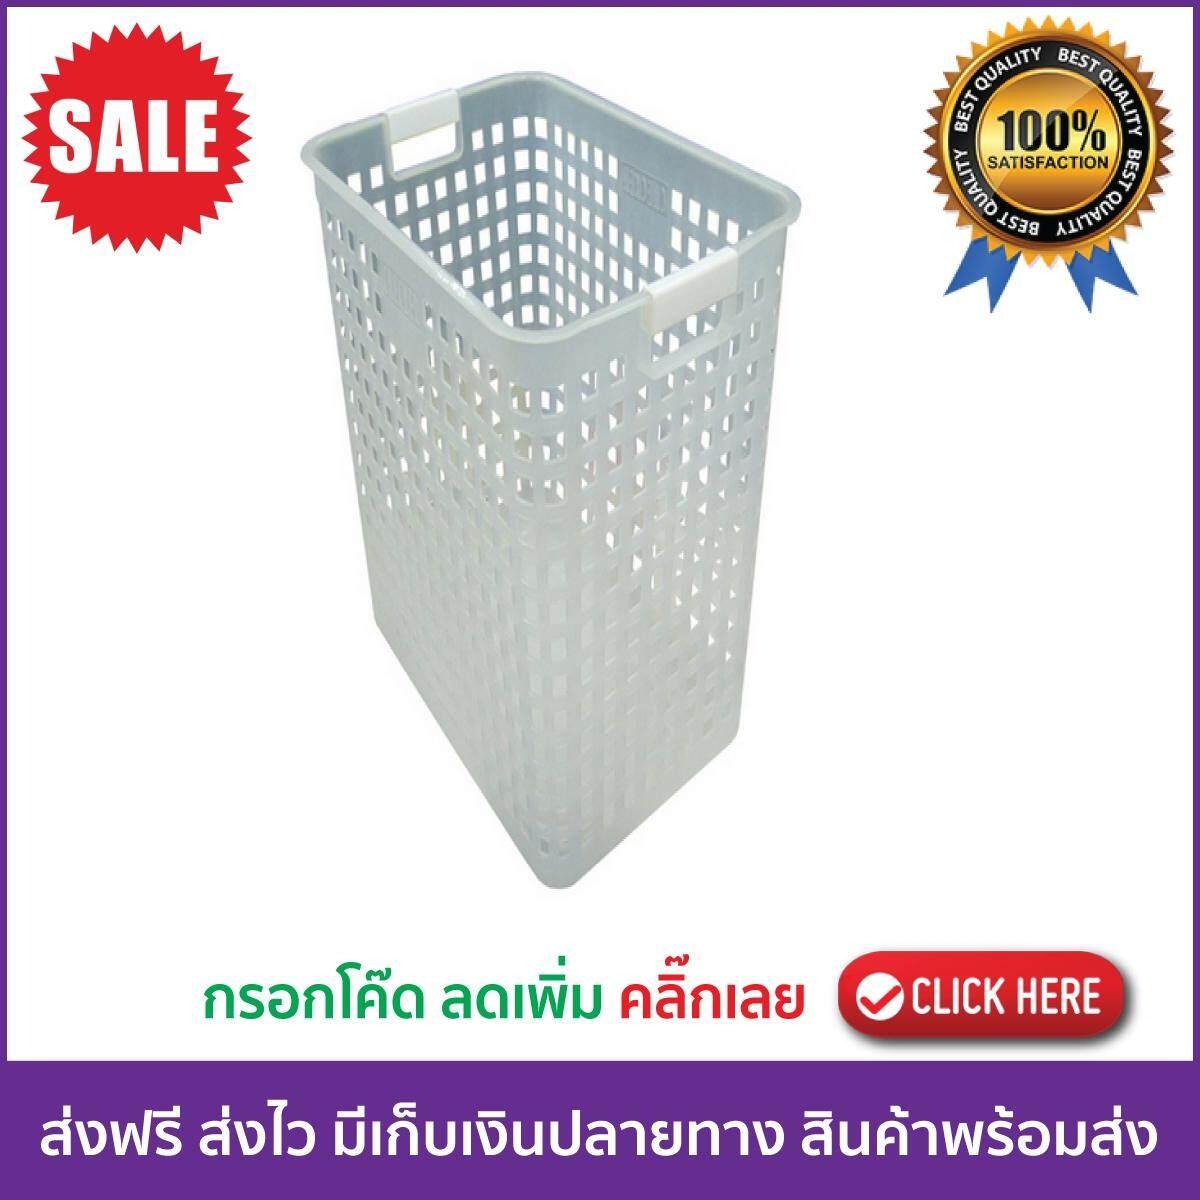 ขายดีมาก! สินค้ายอดฮิต Laundry Basket ตะกร้าเหลี่ยม DKW HH-1060 ขาว ของแท้ 100% พร้อมส่งฟรี ส่ง kerry เก็บเงินปลายทาง